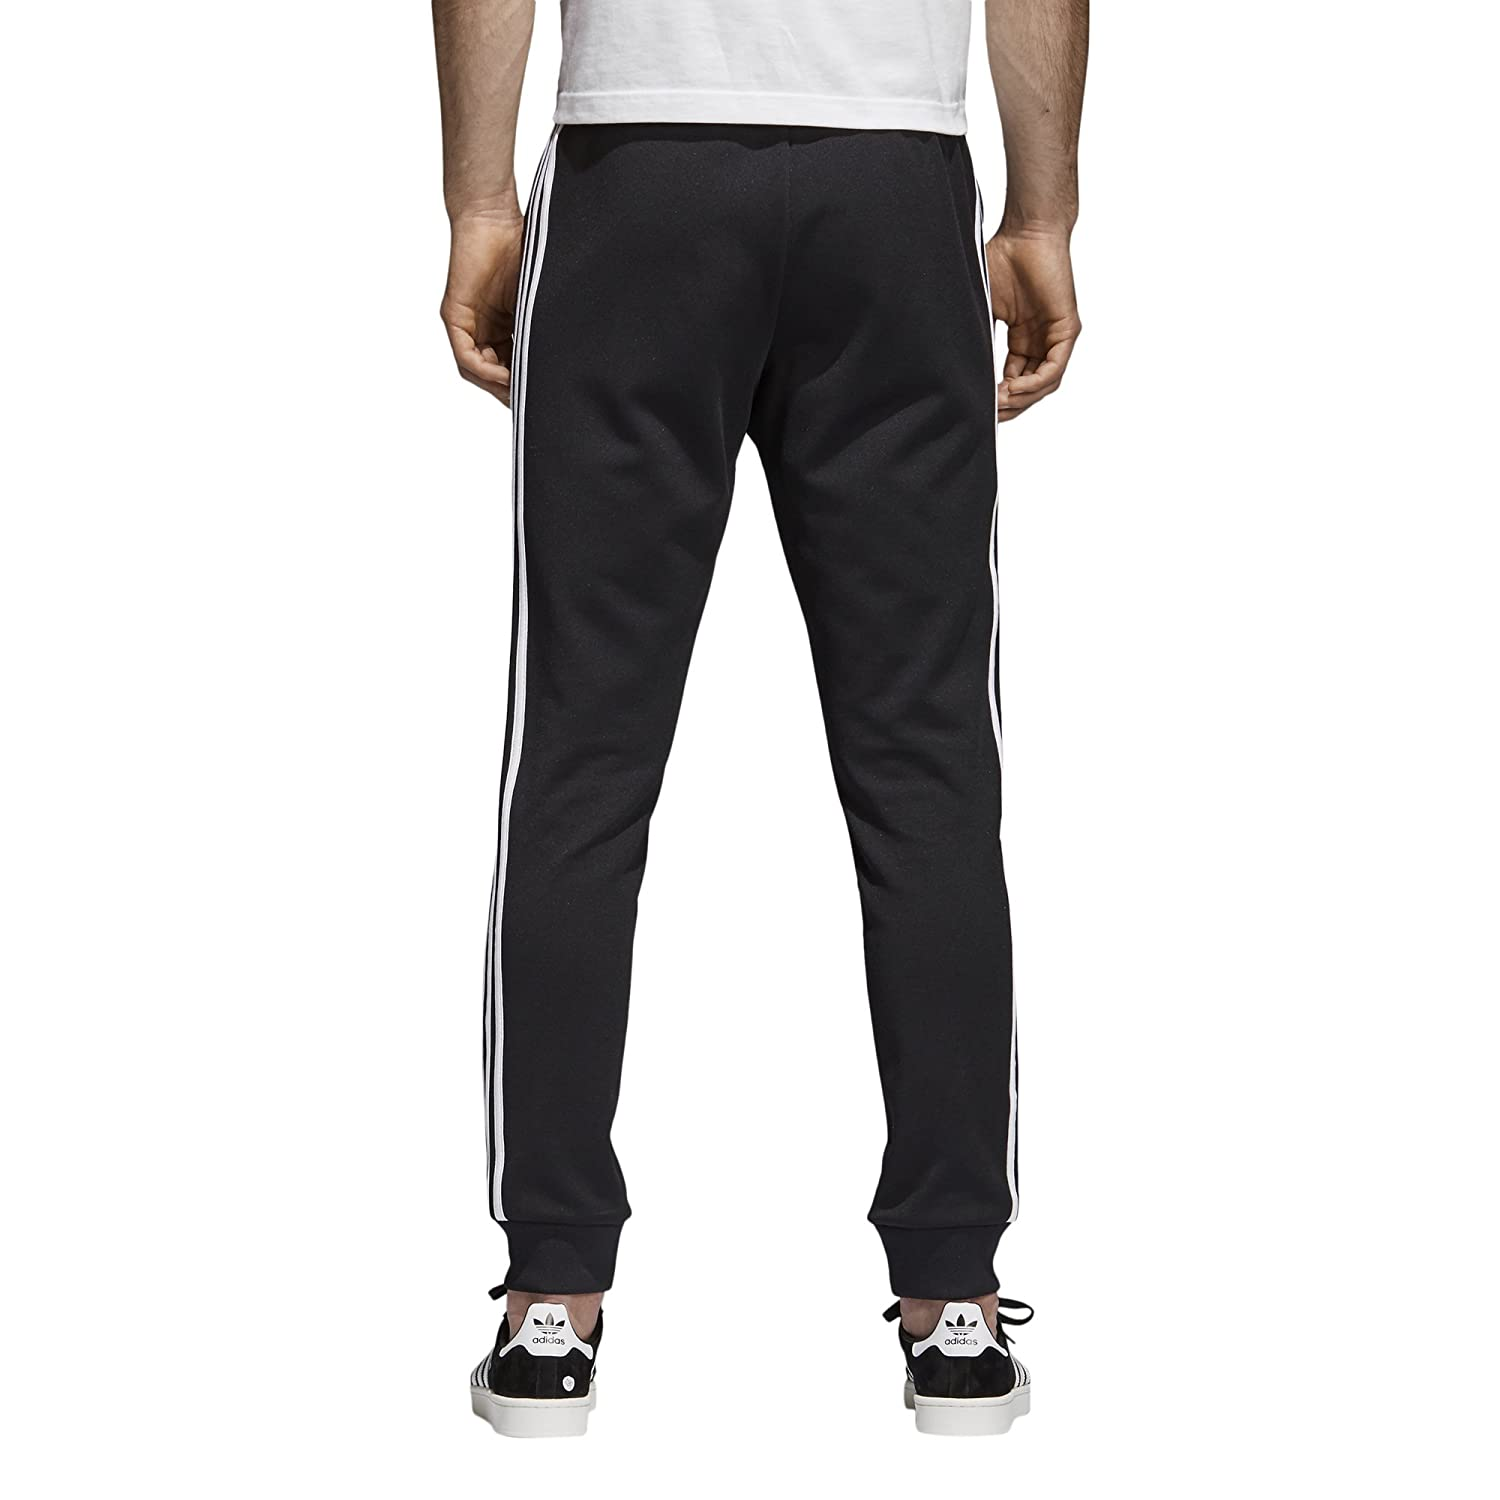 704f9741d38c adidas Originals Men s Superstar Trackpants at Amazon Men s Clothing store